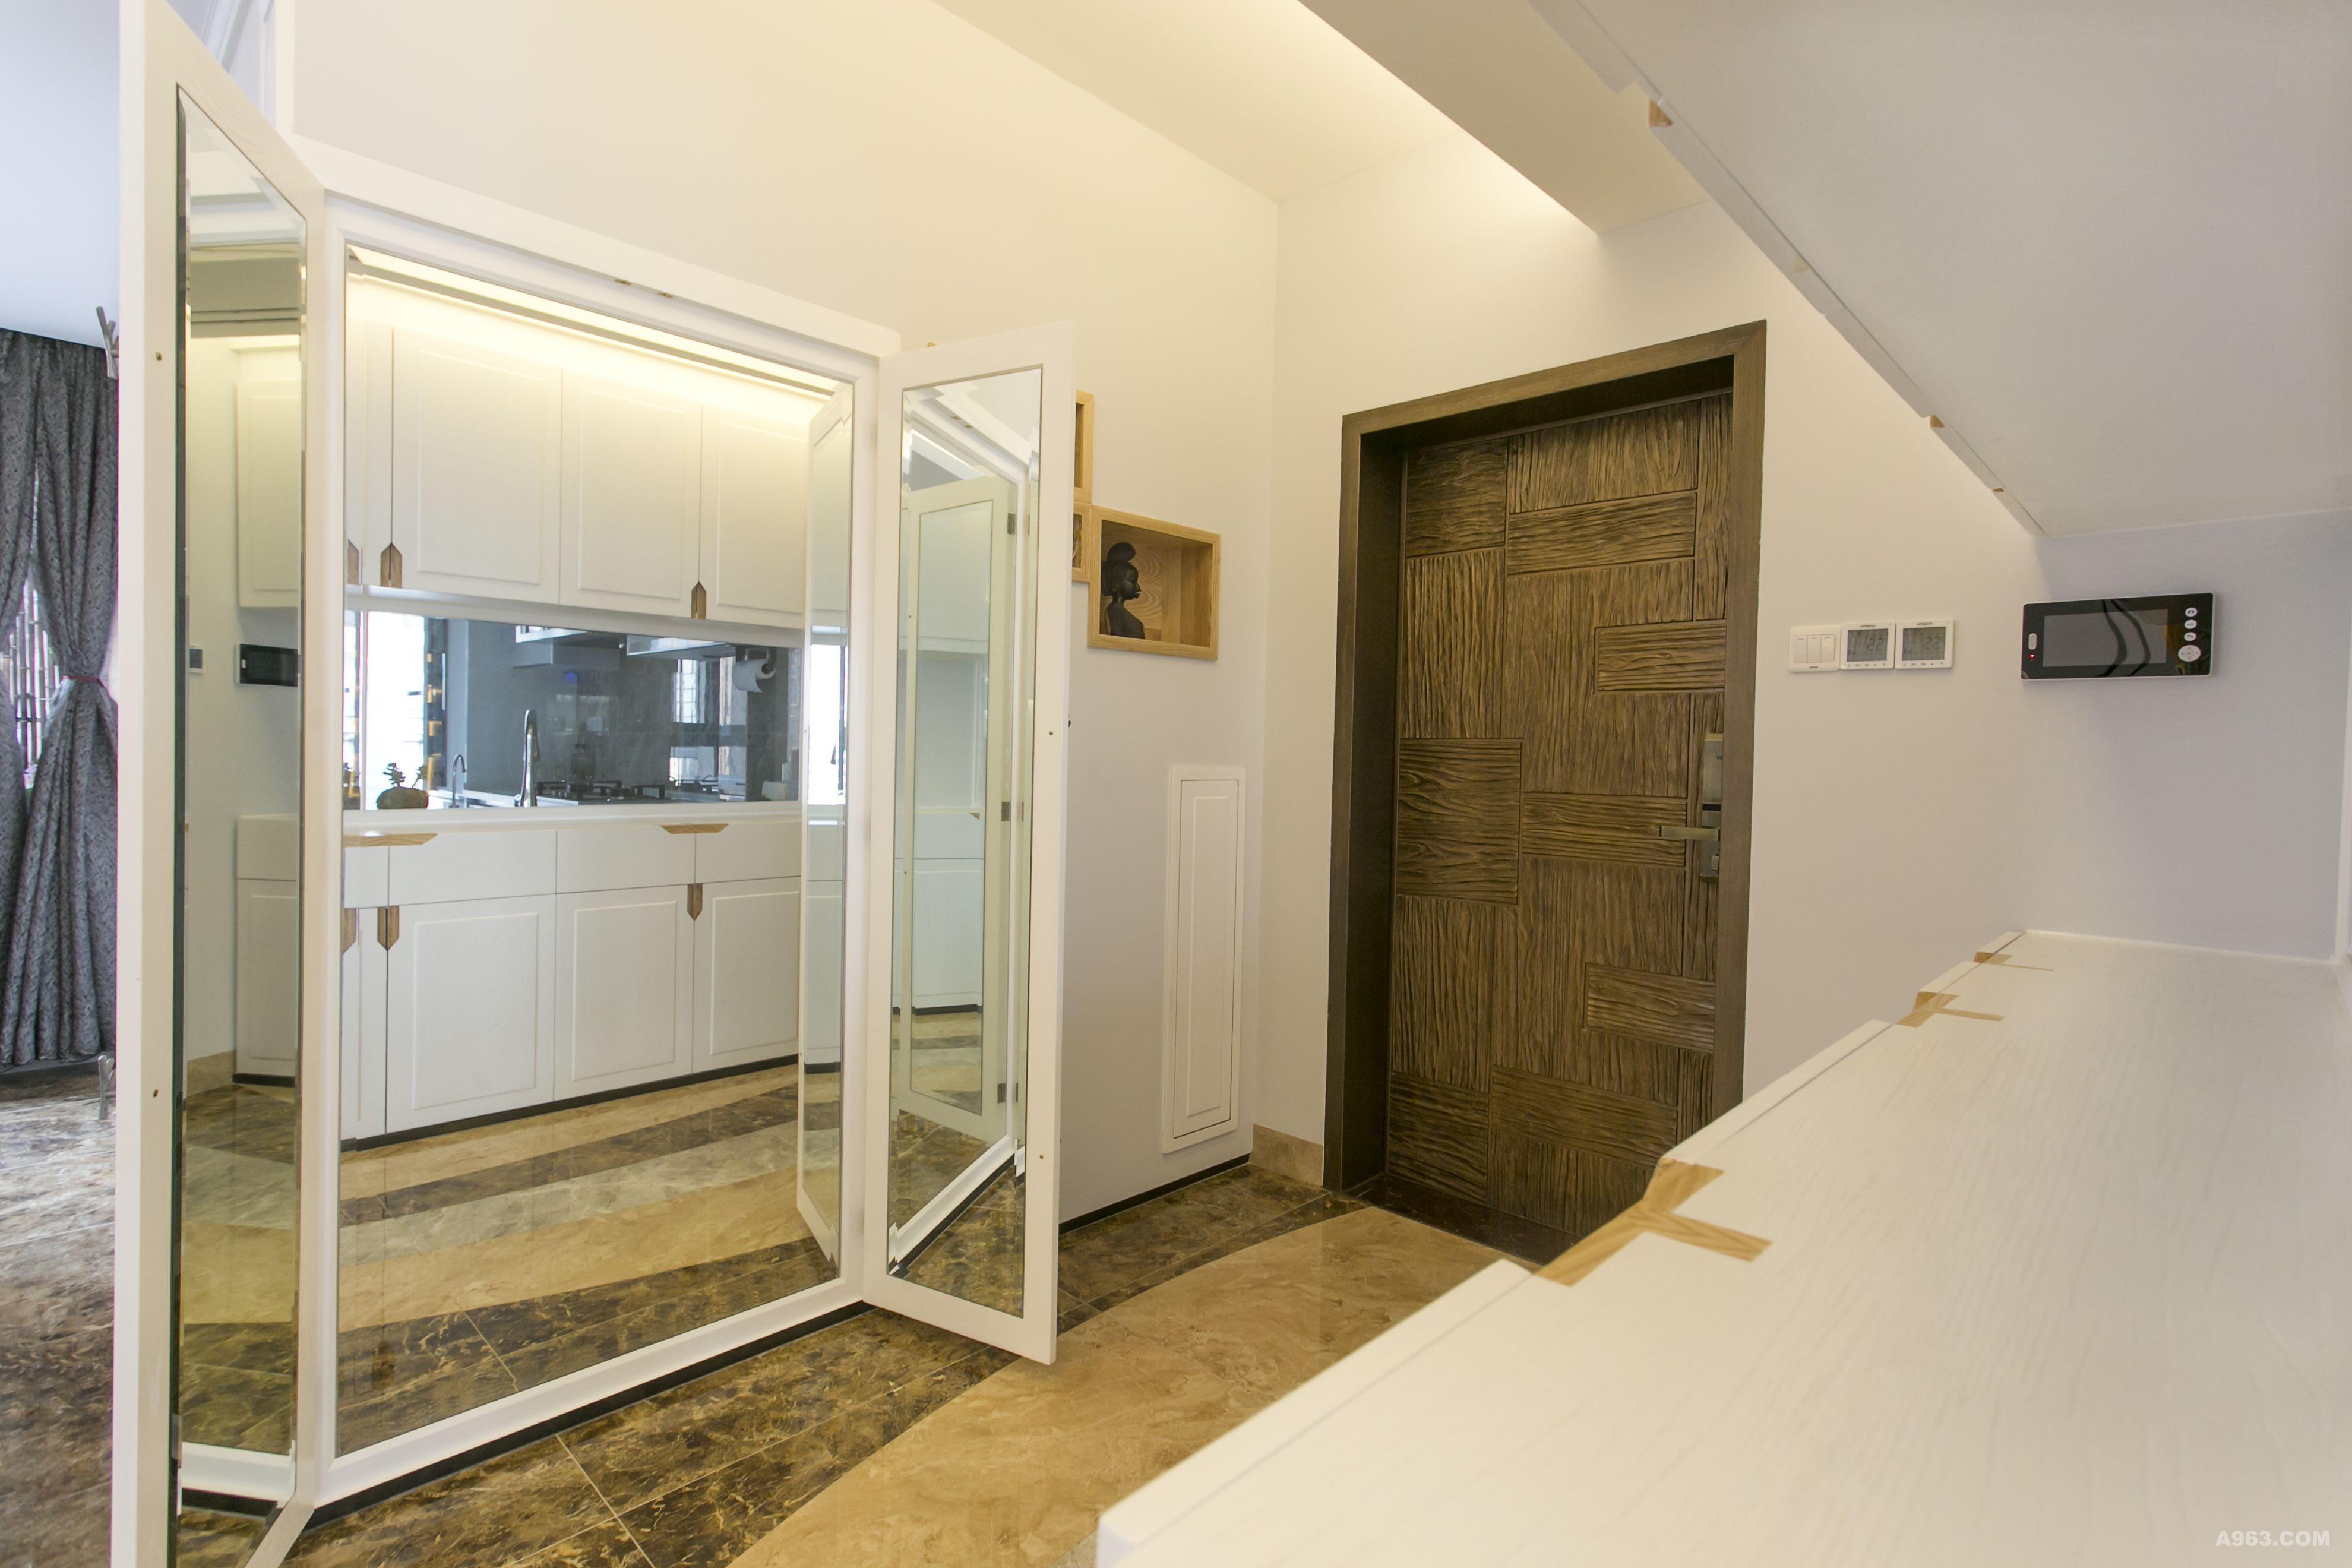 2 在出门左手边上原有不起眼的墙体内嵌三面镜子让业主出门前进行全身仪容仪表整理